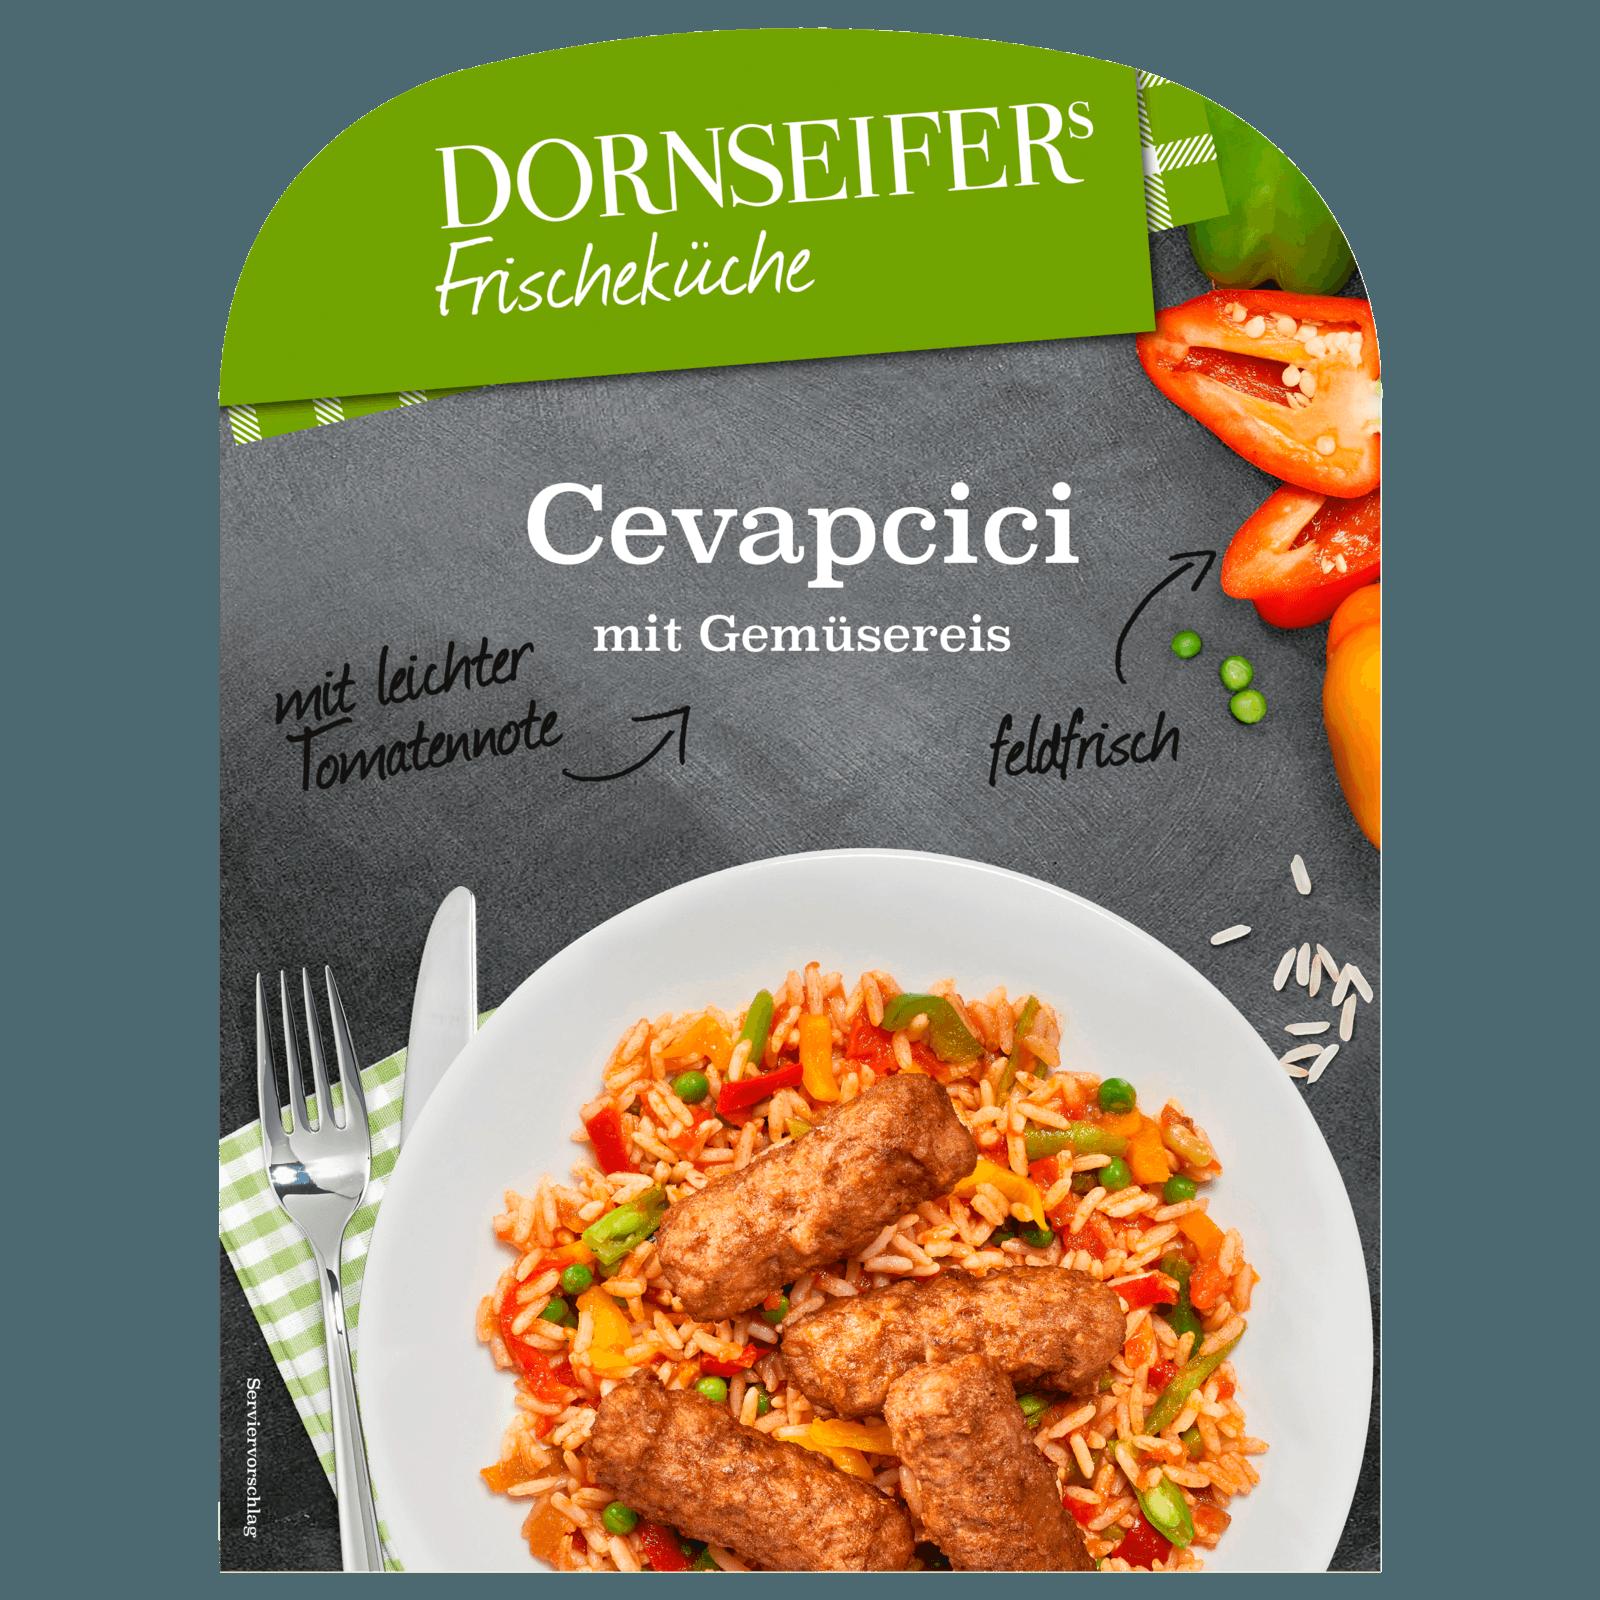 Dornseifer Cevapcici Mit Gemüsereis 380g Bei Rewe Online Bestellen